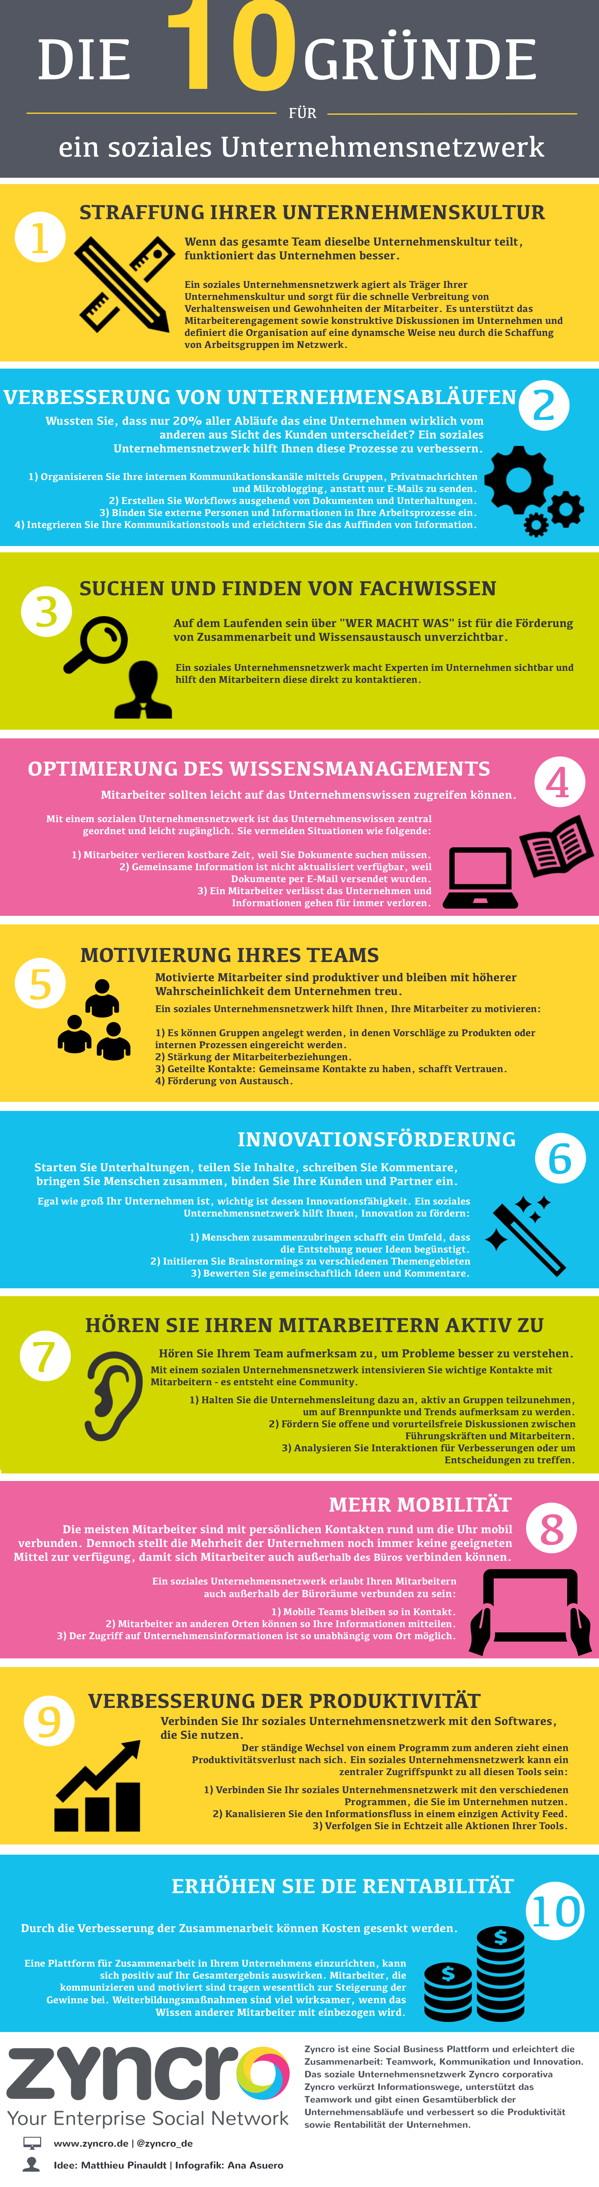 10 Gründe für ein Unternehmensnetzwerk_Zyncro